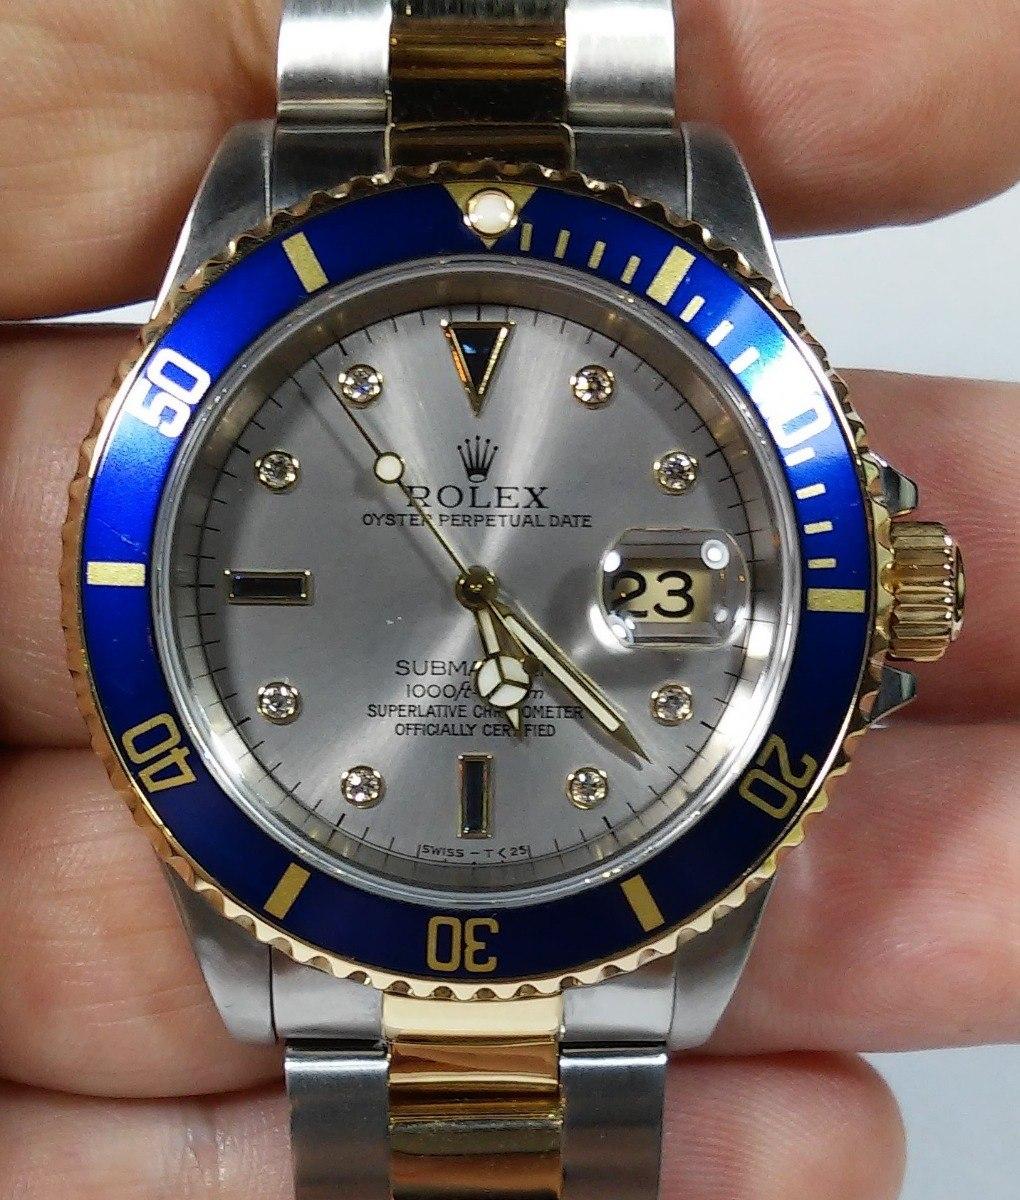 8b9d92e9a92 Rolex Submariner Sultan Aço Ouro Diamantes Safiras Completo